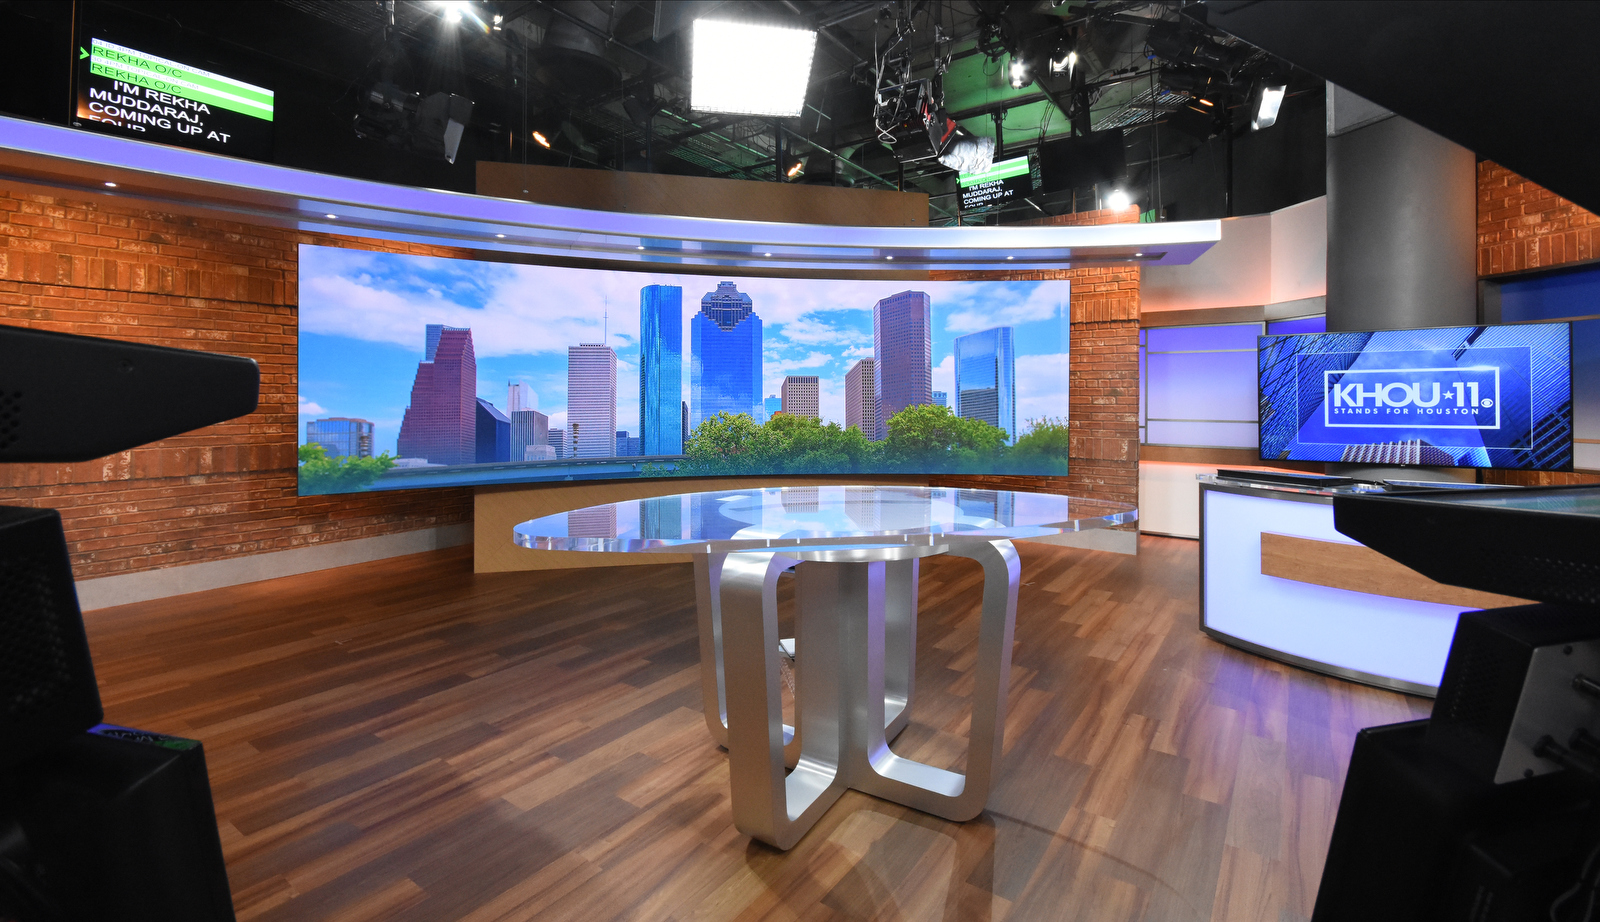 NCS_KHOU-11-Studio_Houston_002